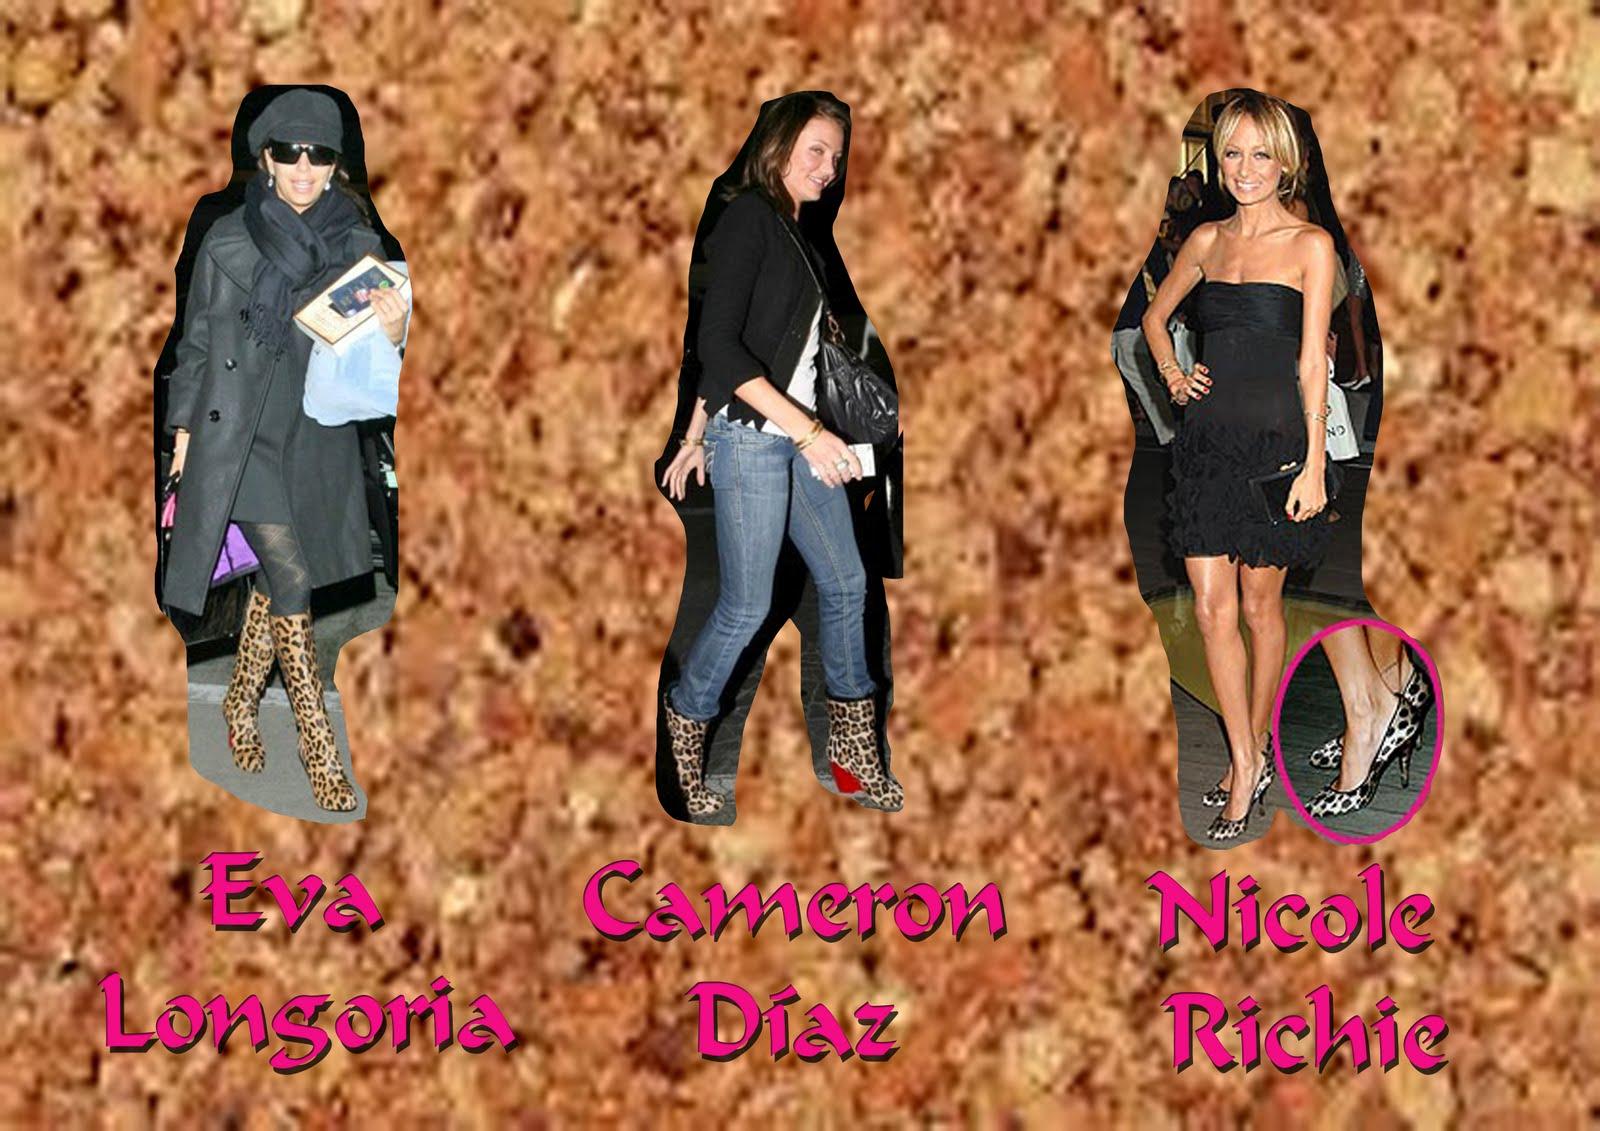 http://2.bp.blogspot.com/-6I10E6wcaaI/Tl-wbqcPsFI/AAAAAAAAAII/UV0dzJS3Nqs/s1600/eva-cameron-nicole.jpg